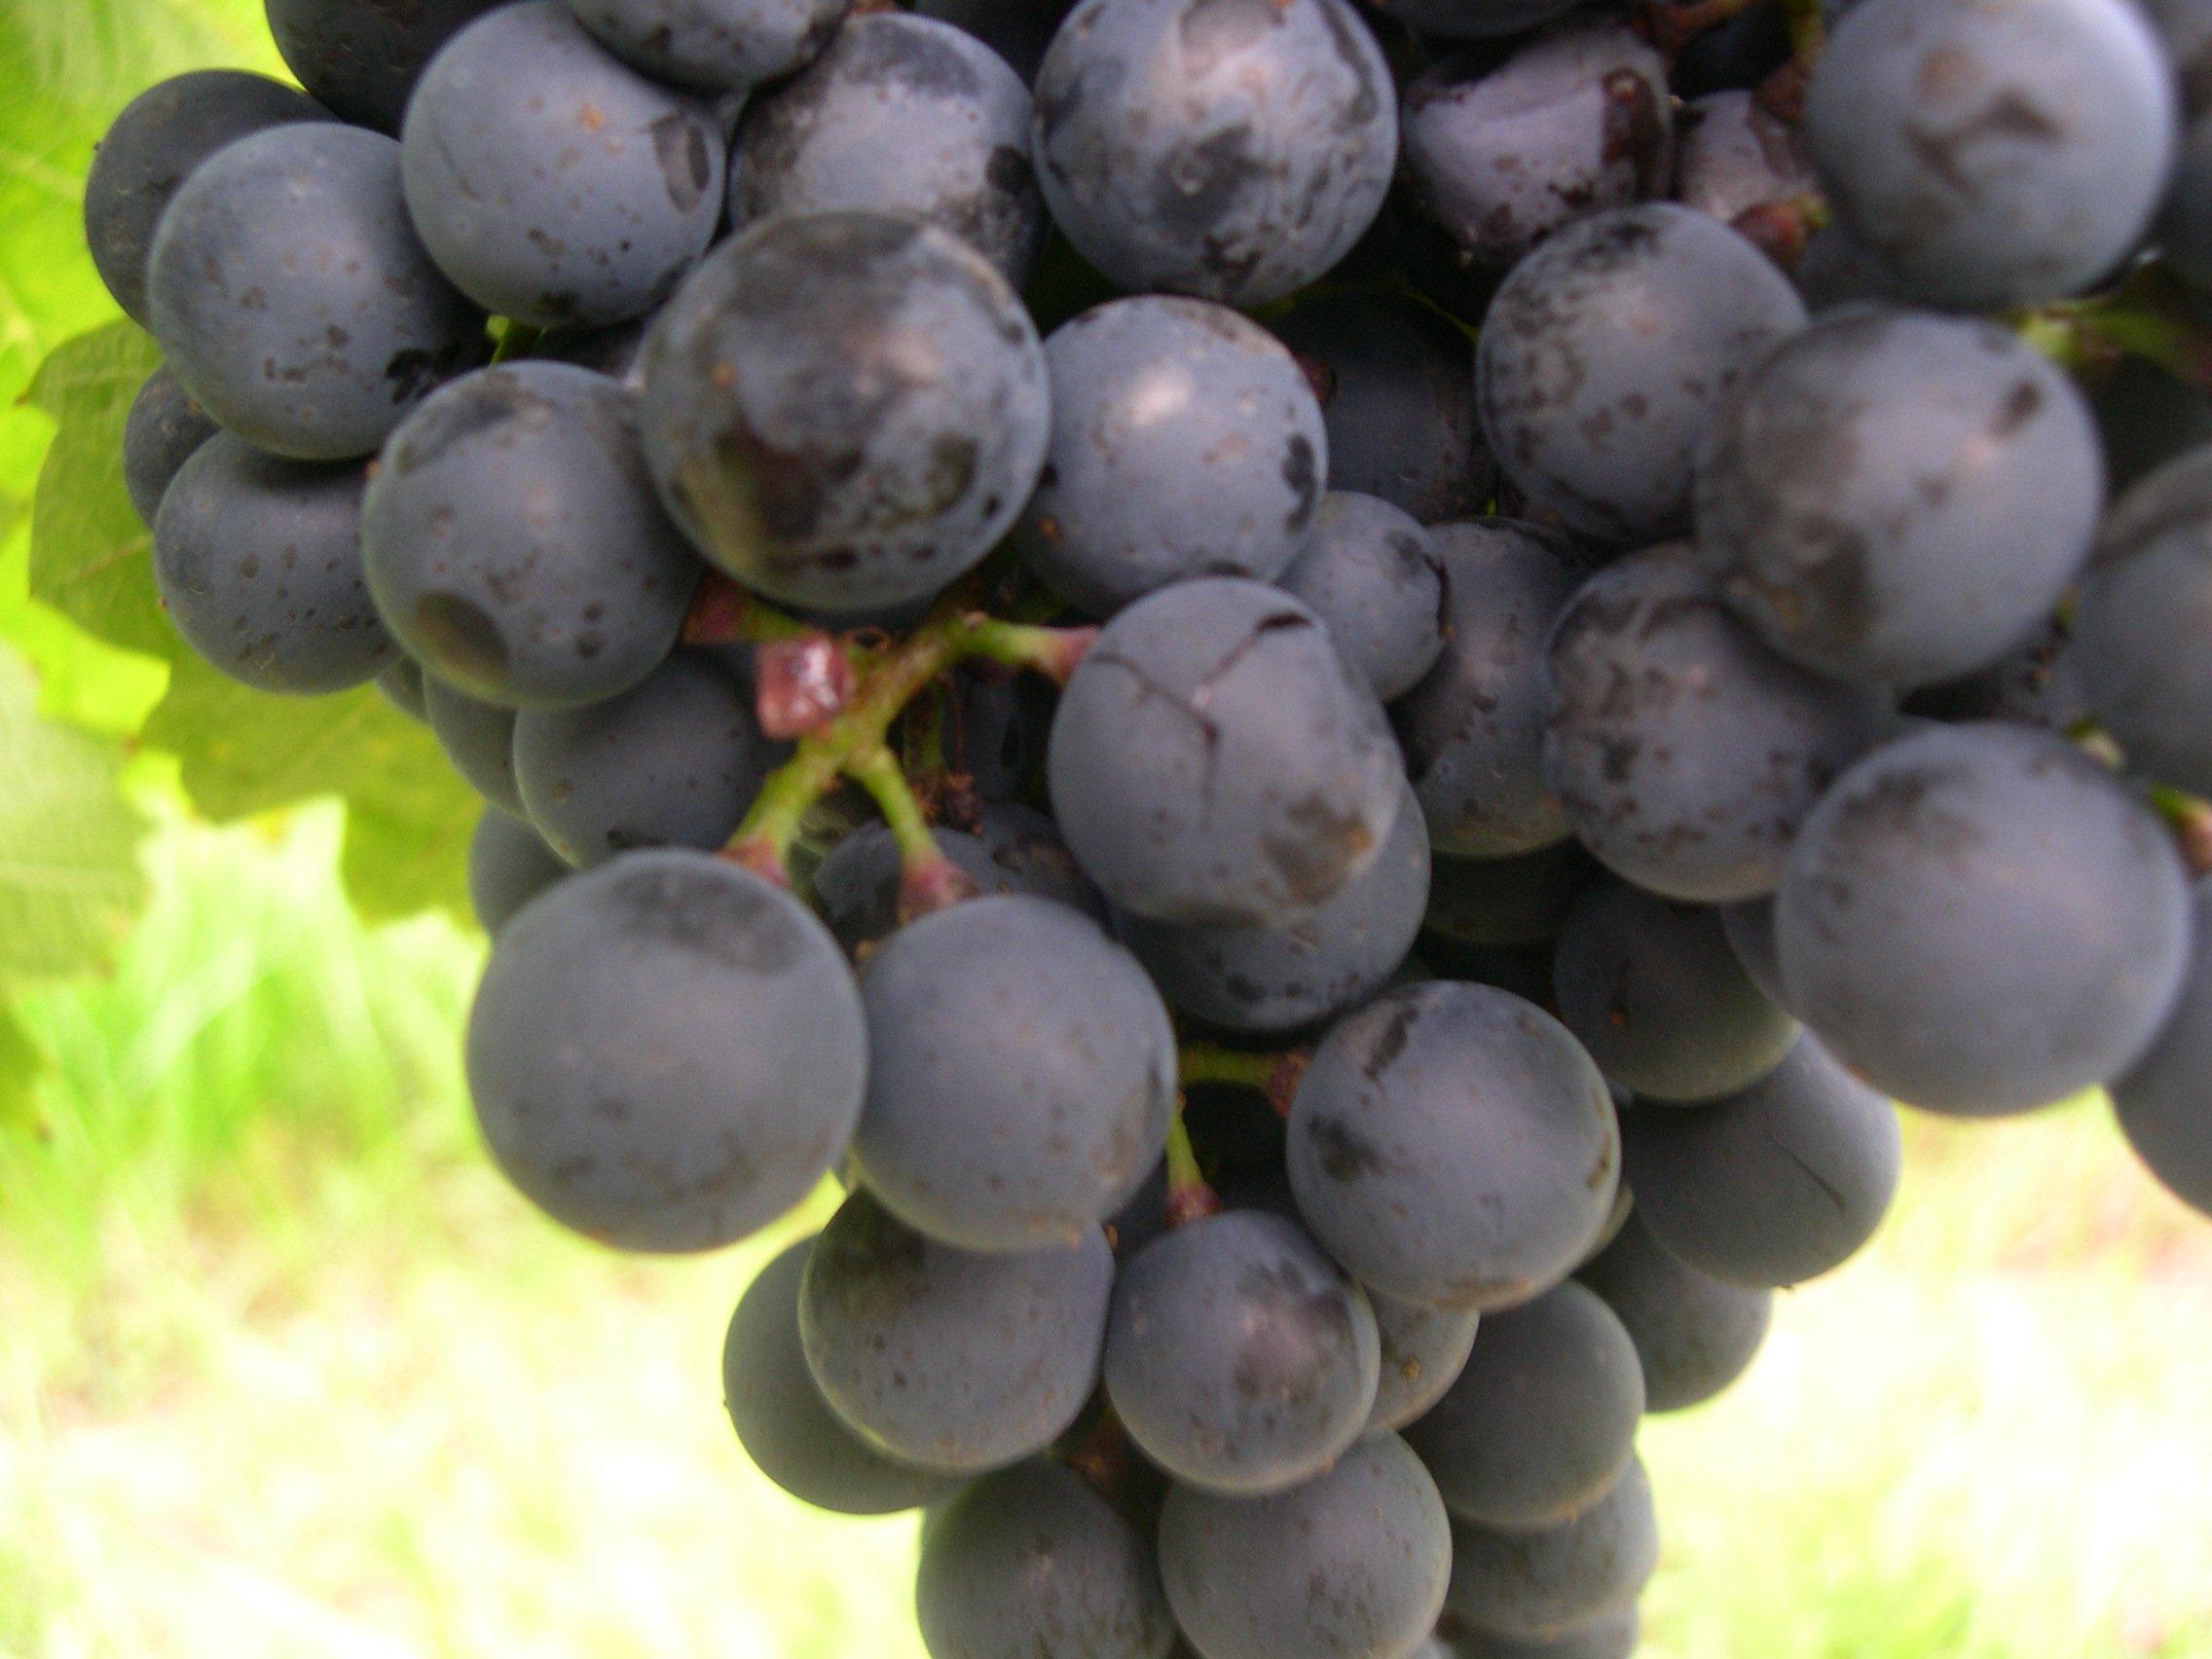 Blaufränkisch-Beere mit Botrytis im Anfangsstadium